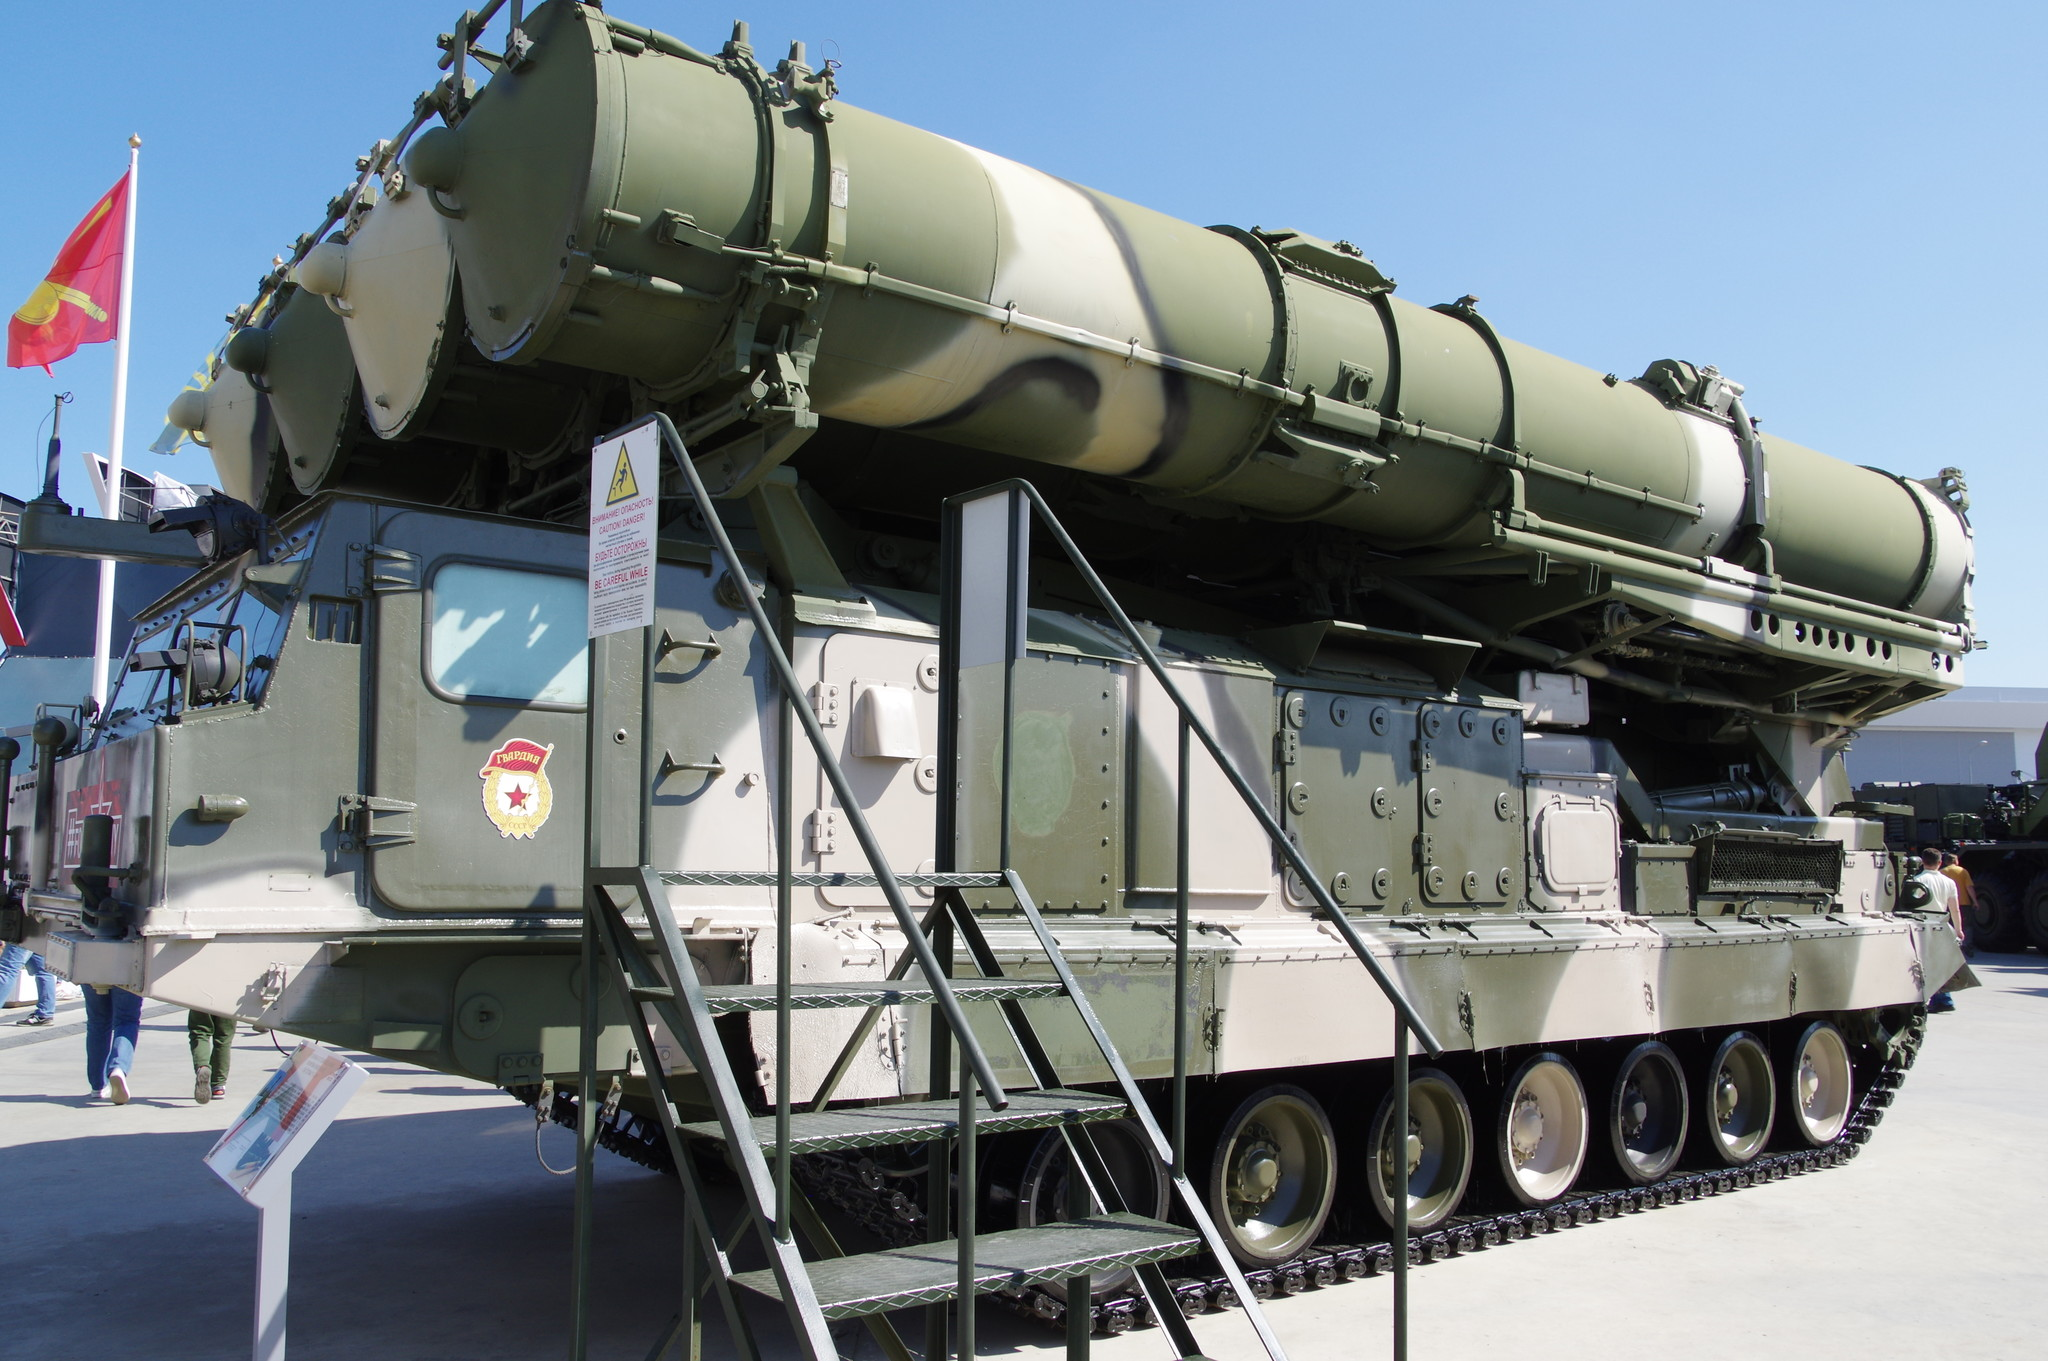 Самоходная пусковая установка 9 А83 из состава зенитно-ракетной системы С-300В